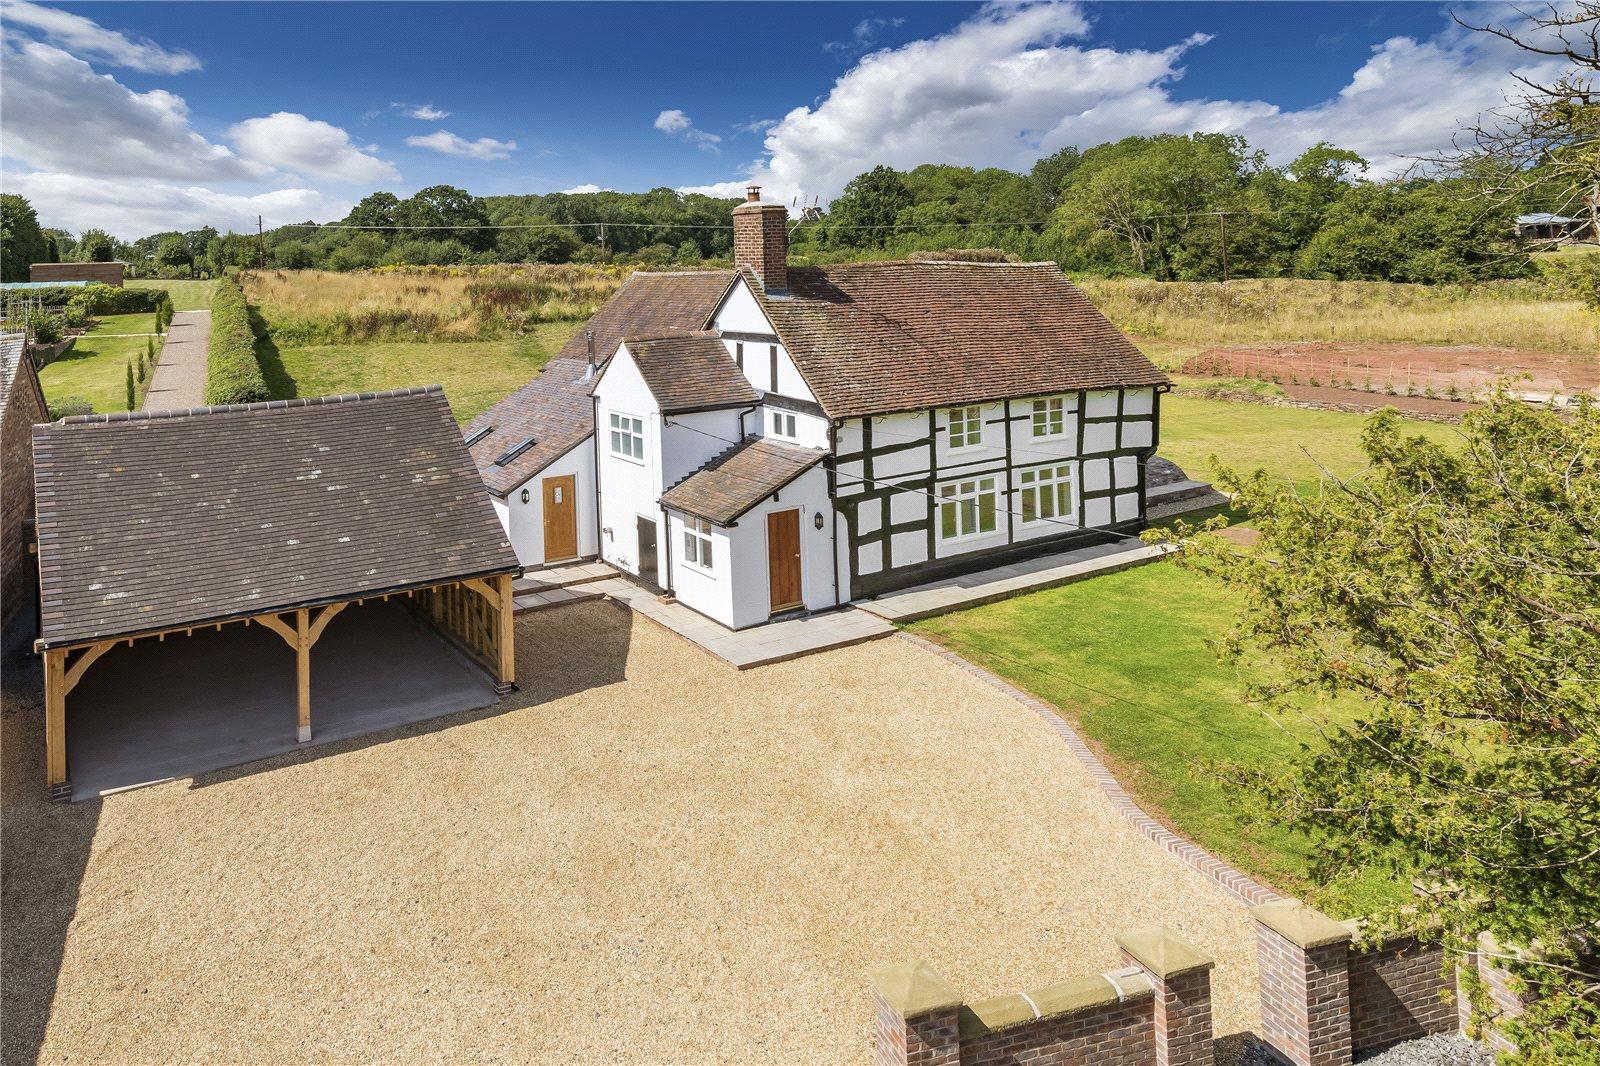 Yew Tree Cottage, Astley Abbotts, Bridgnorth, Shropshire, WV16